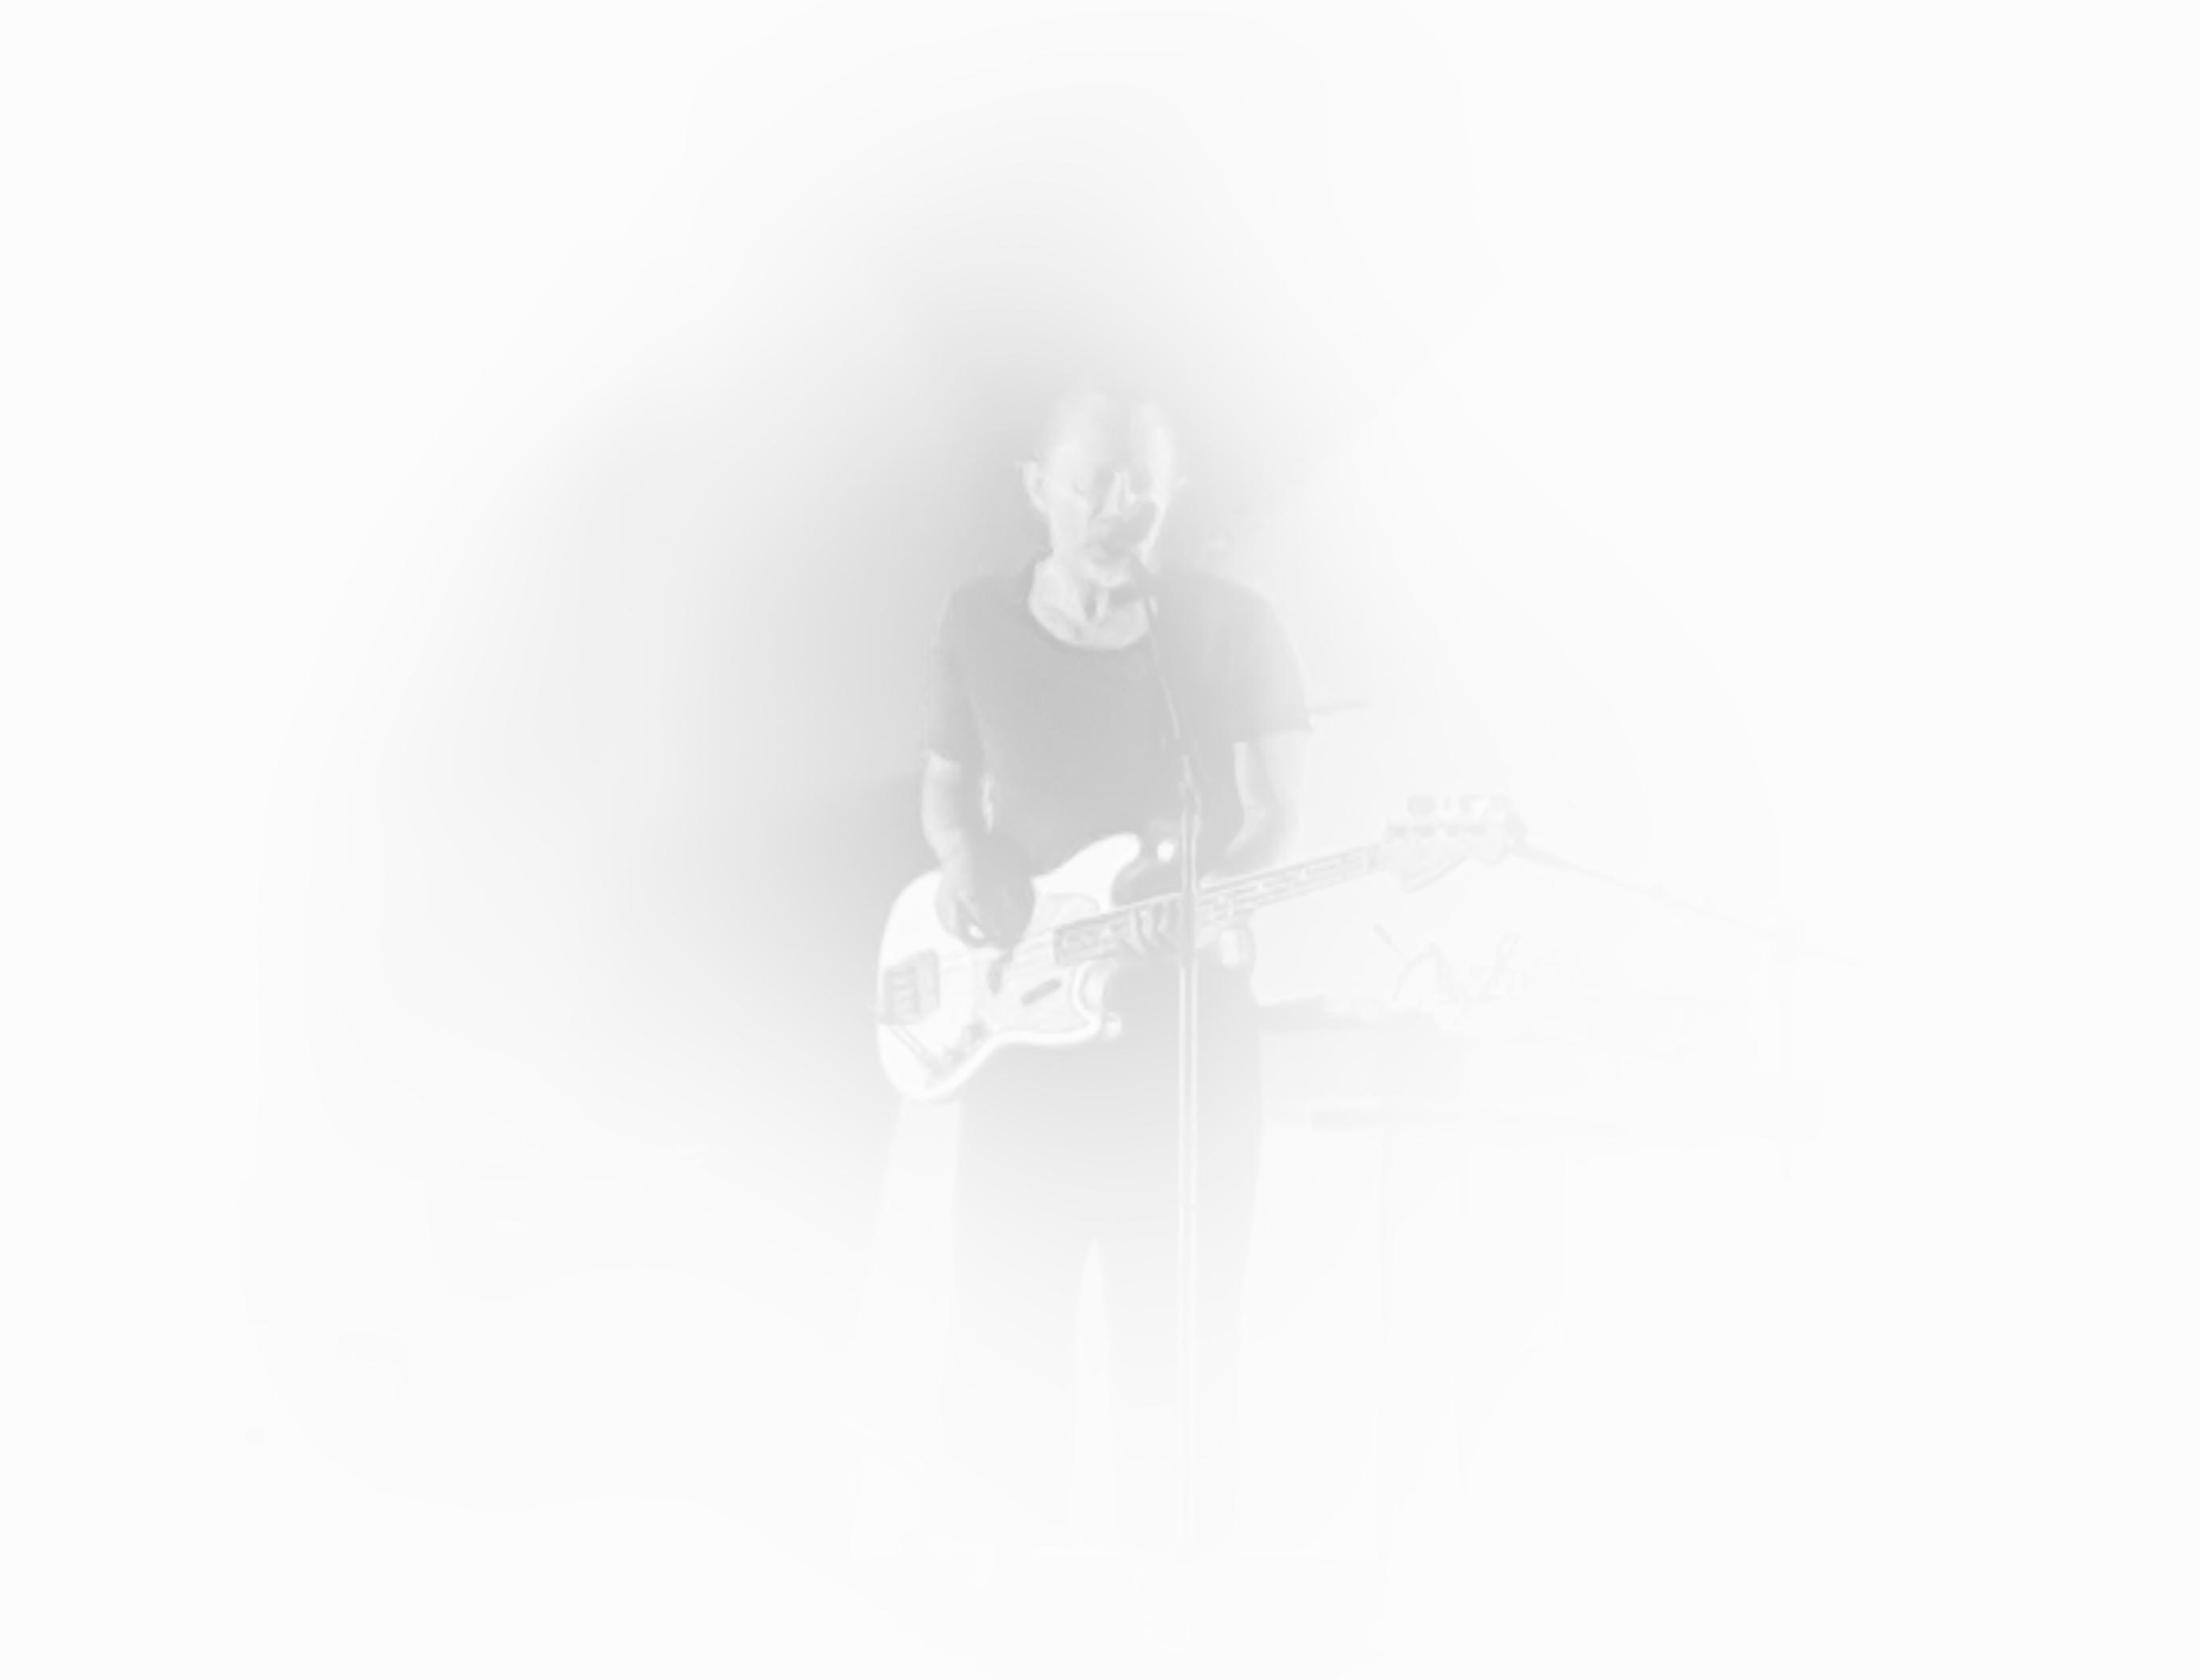 Clicka la imagen y disfruta de la música y las letras de Thom.